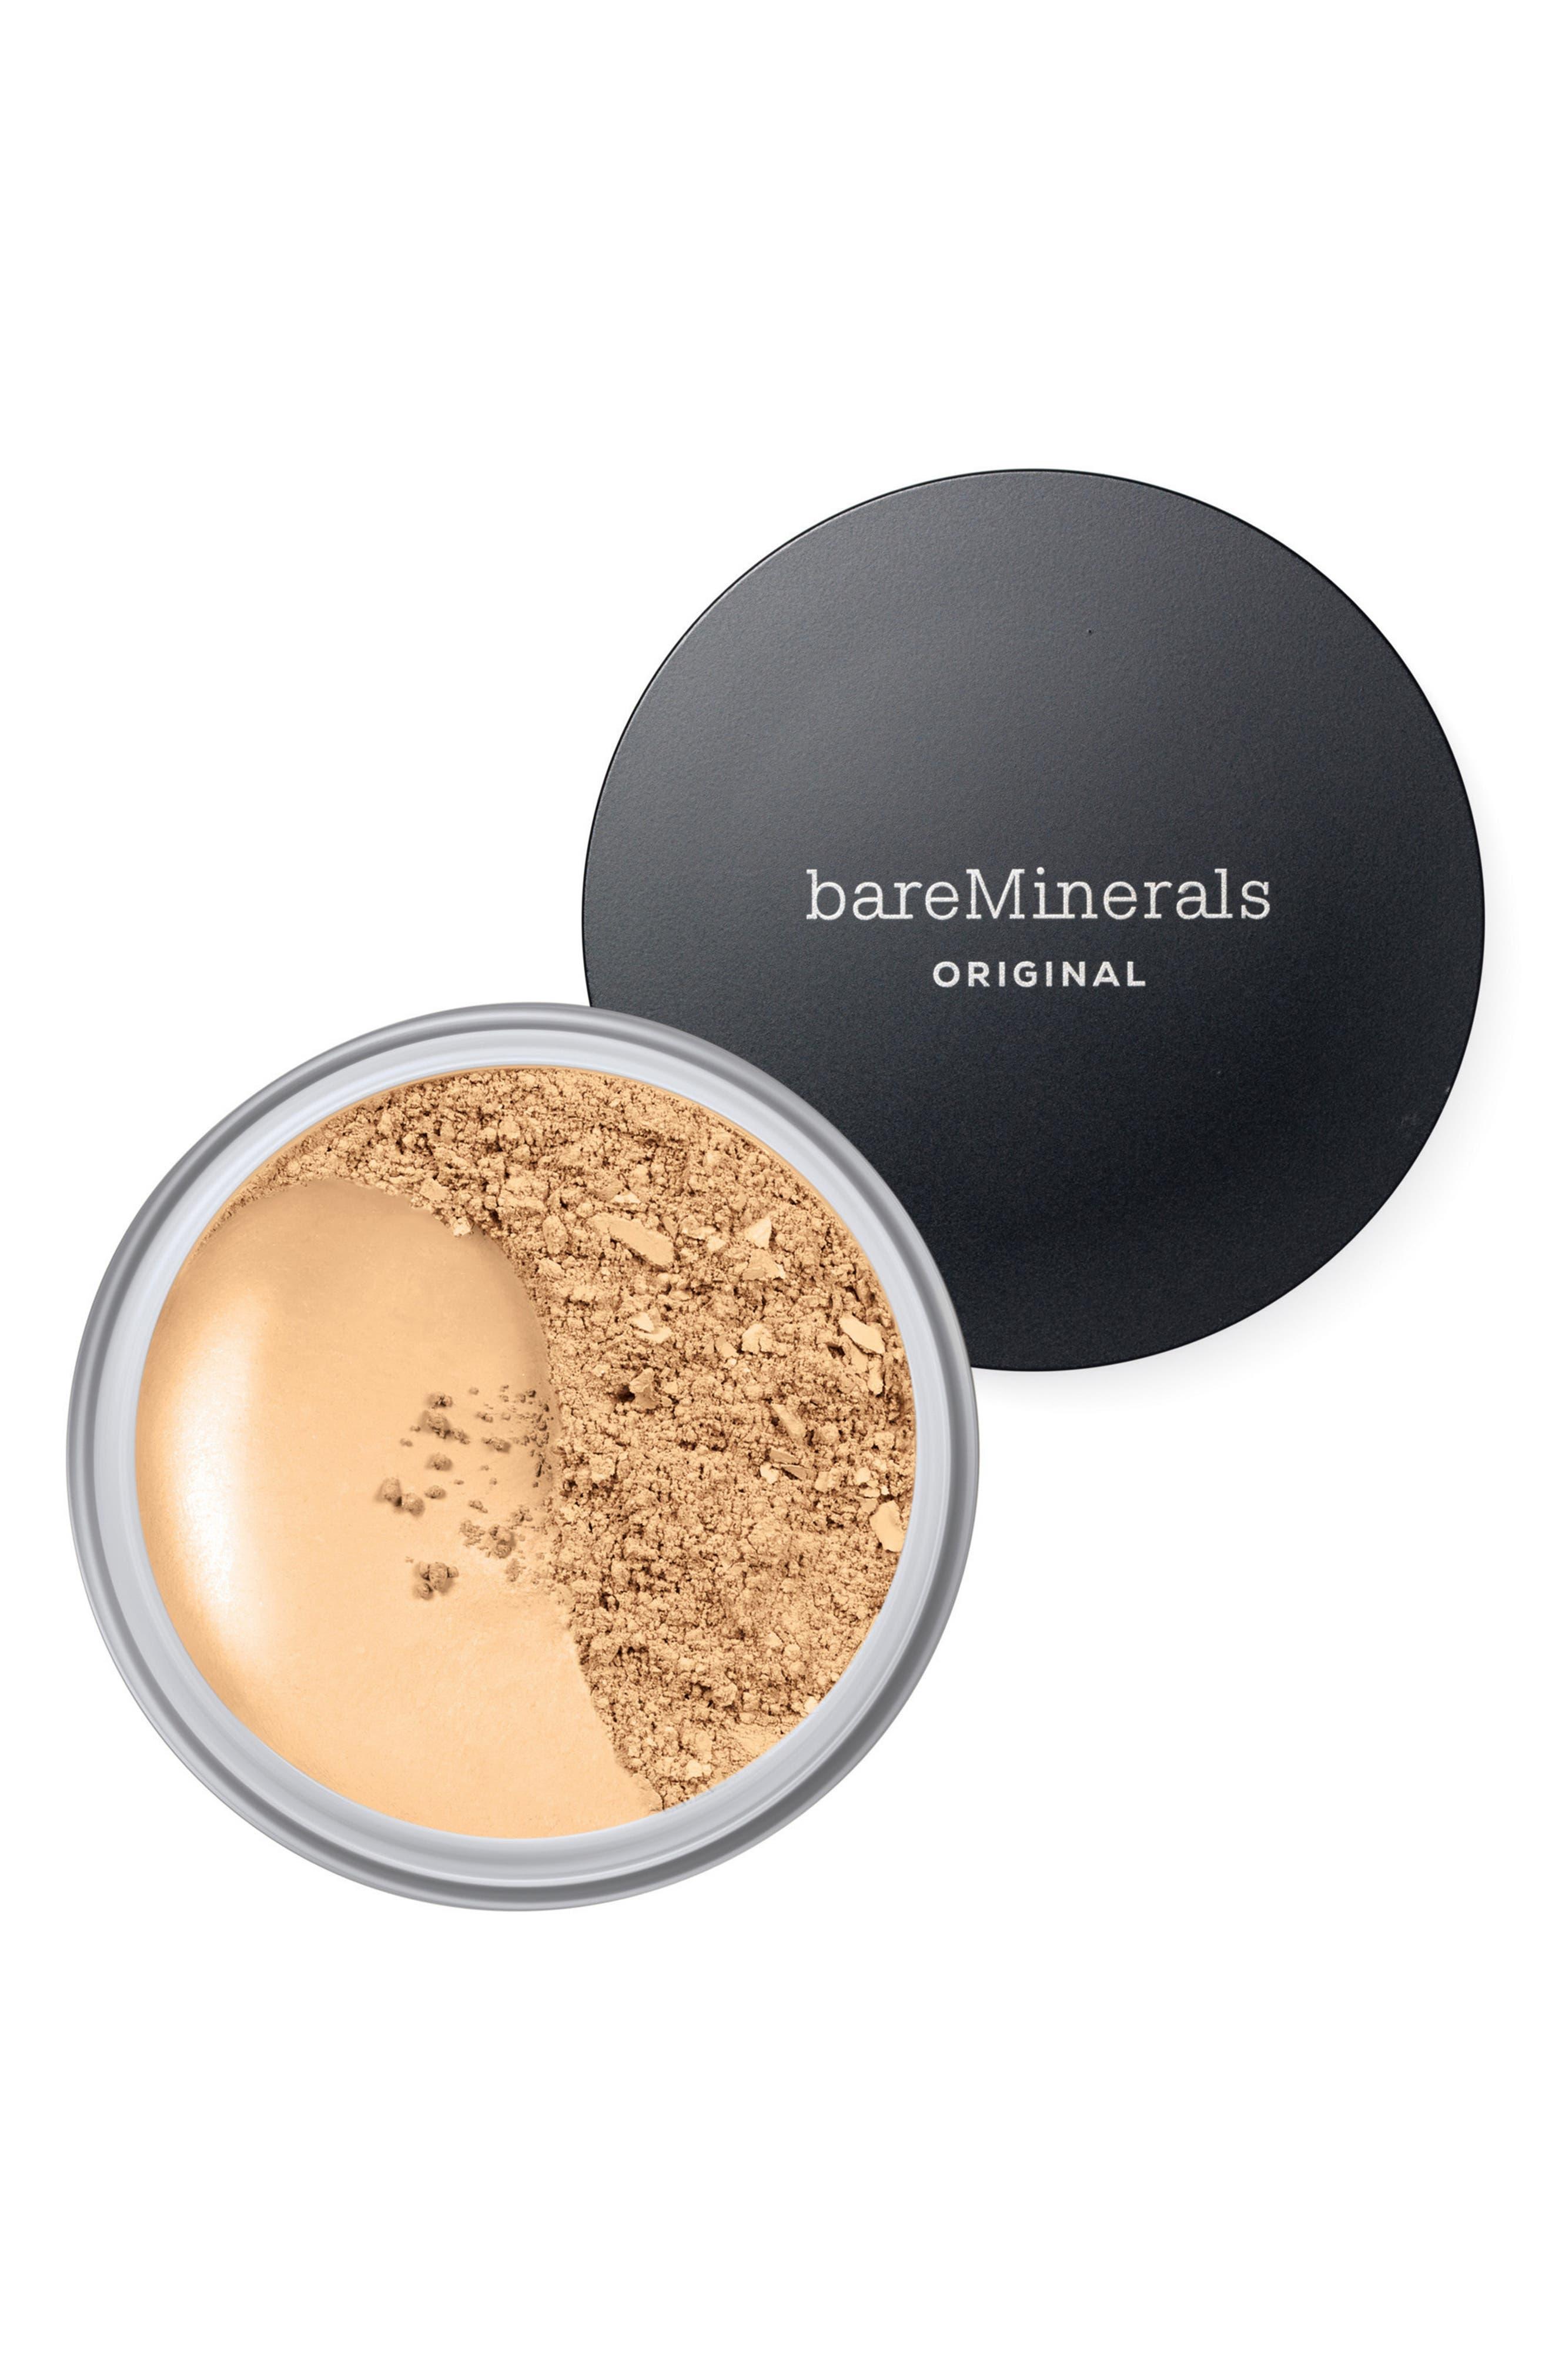 Bareminerals Matte Powder Foundation Broad Spectrum Spf 15